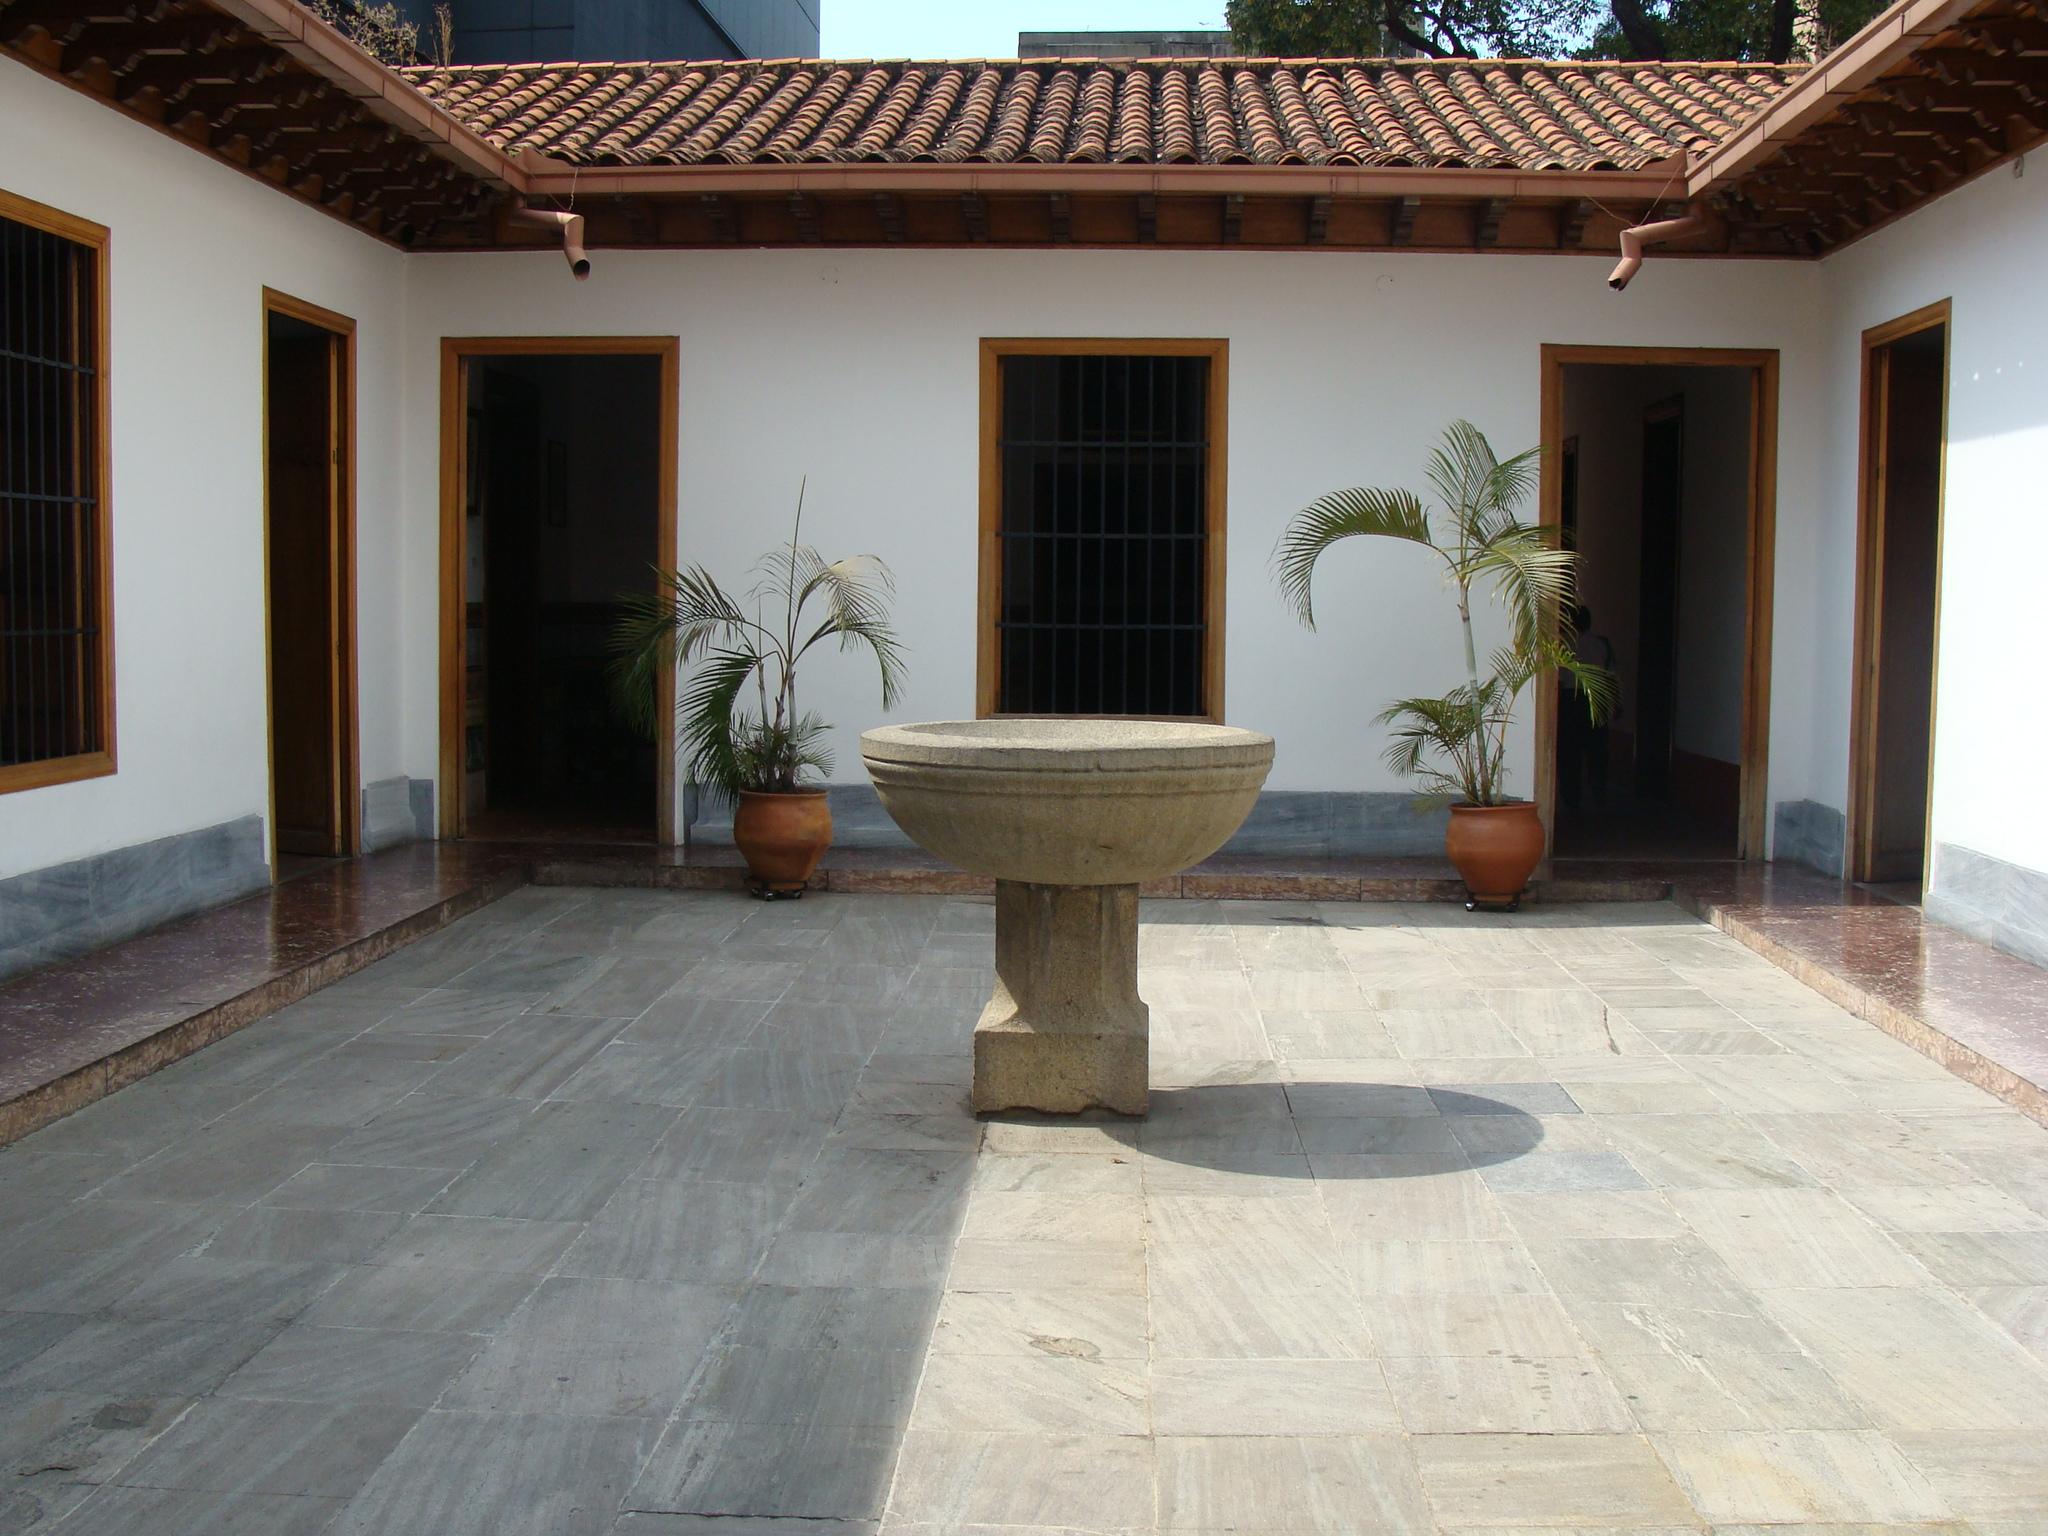 Pila bautismal en el Patio de la casa